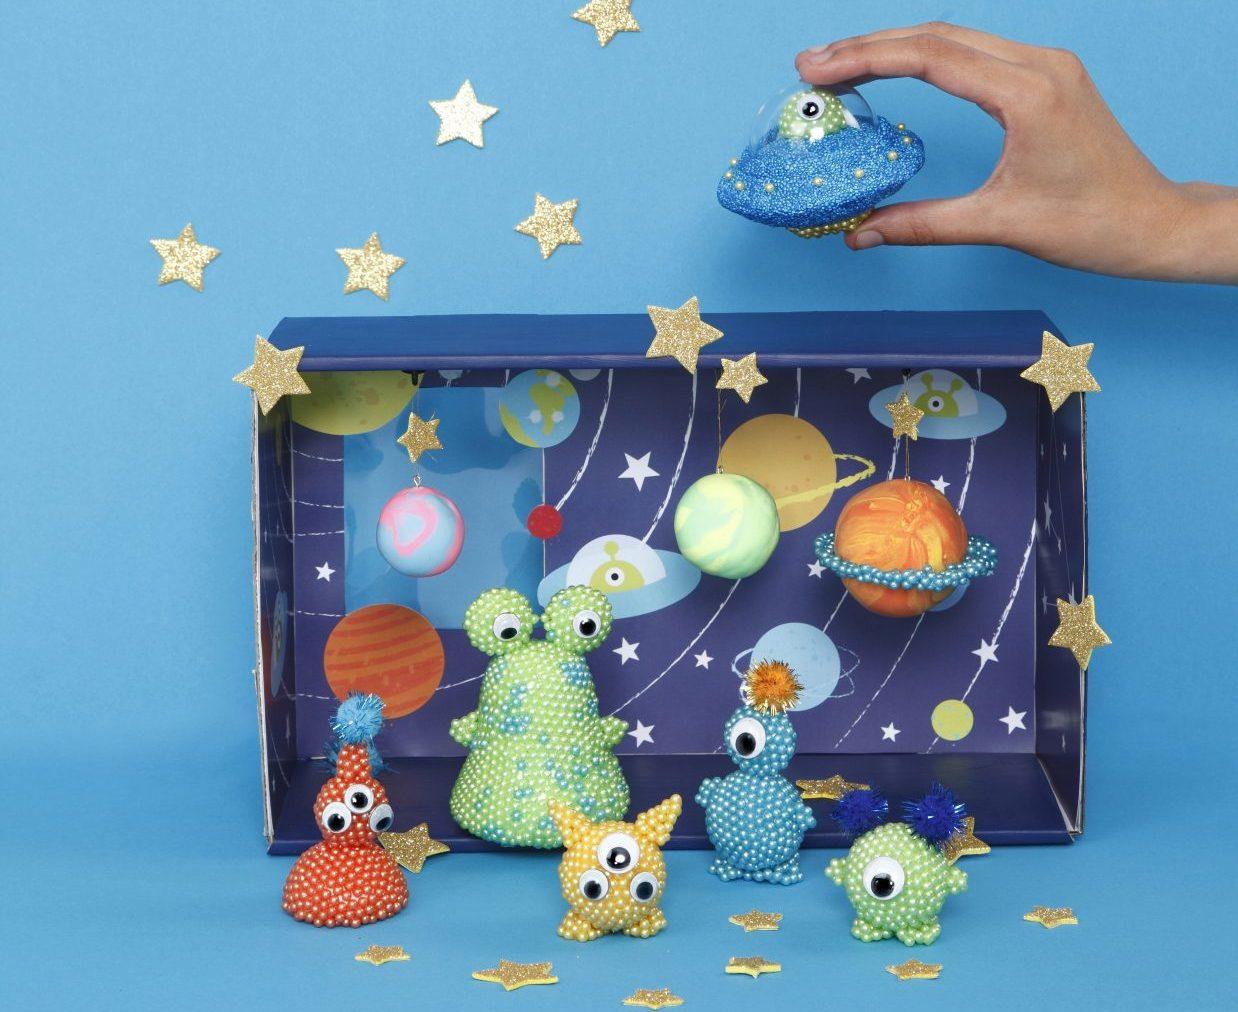 kreativa idéer till barn, utomjordingar, inspiration till modellering